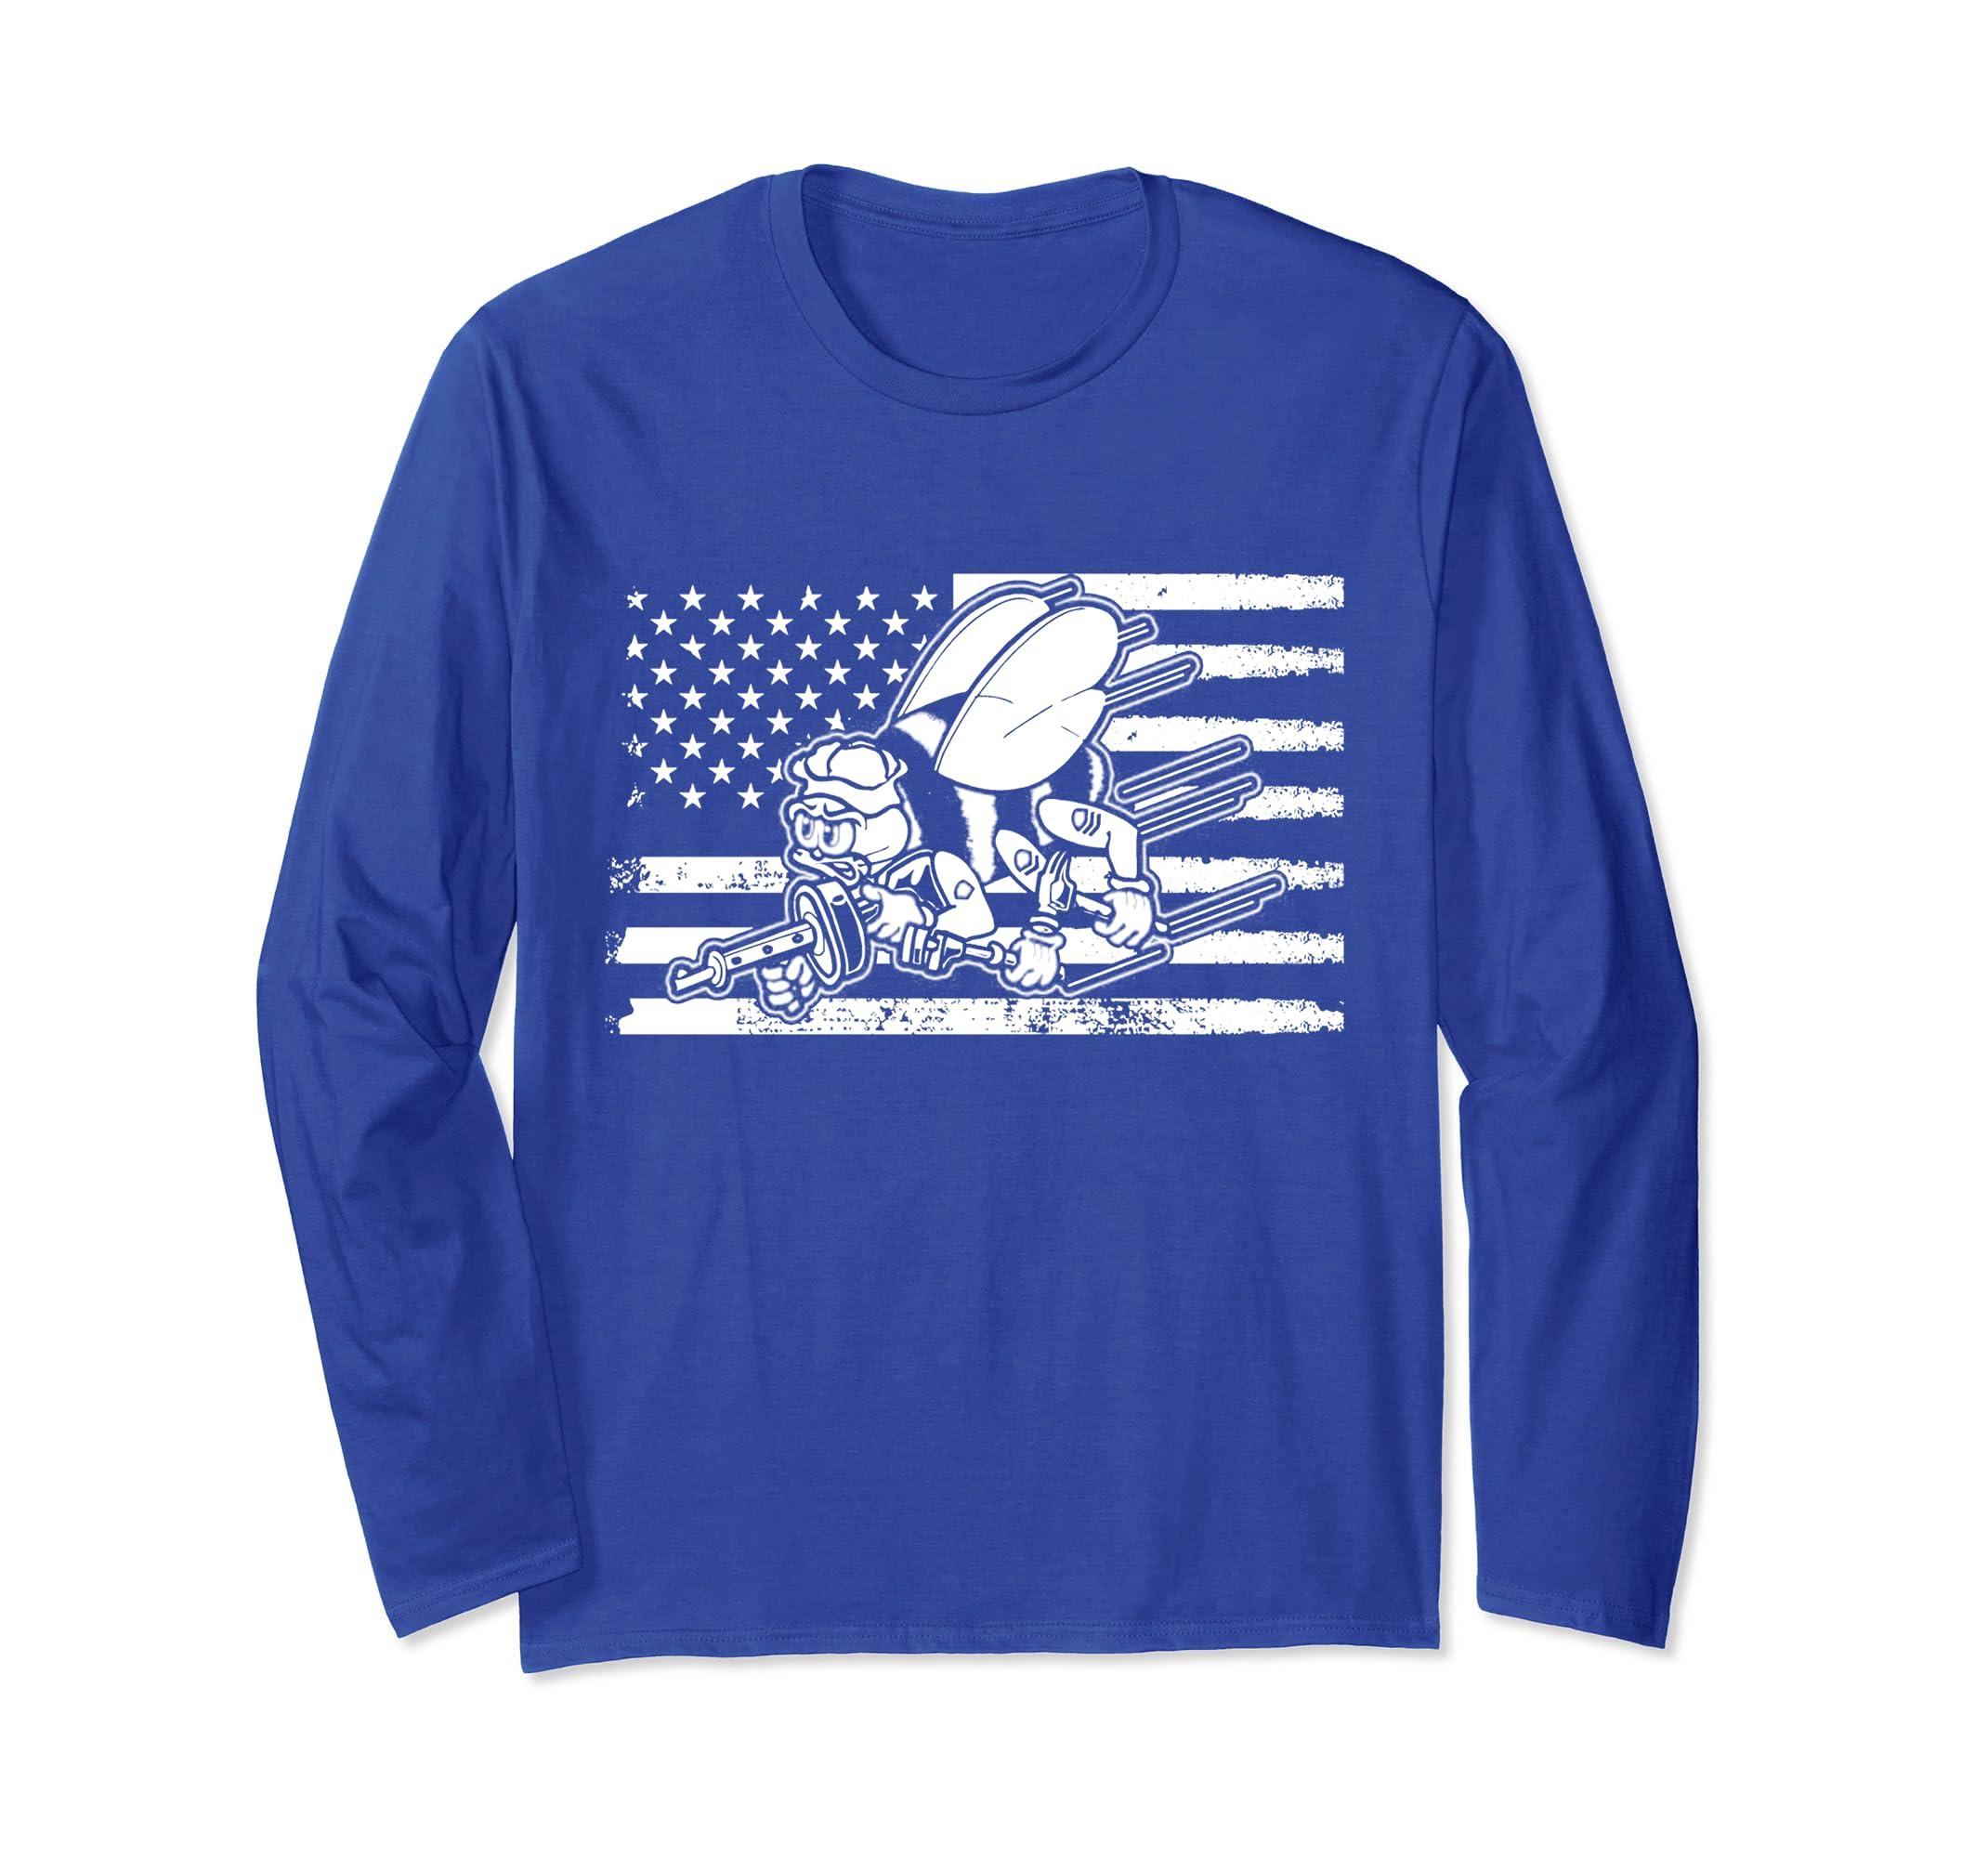 American flag Seabee Longsleeve shirt-ln